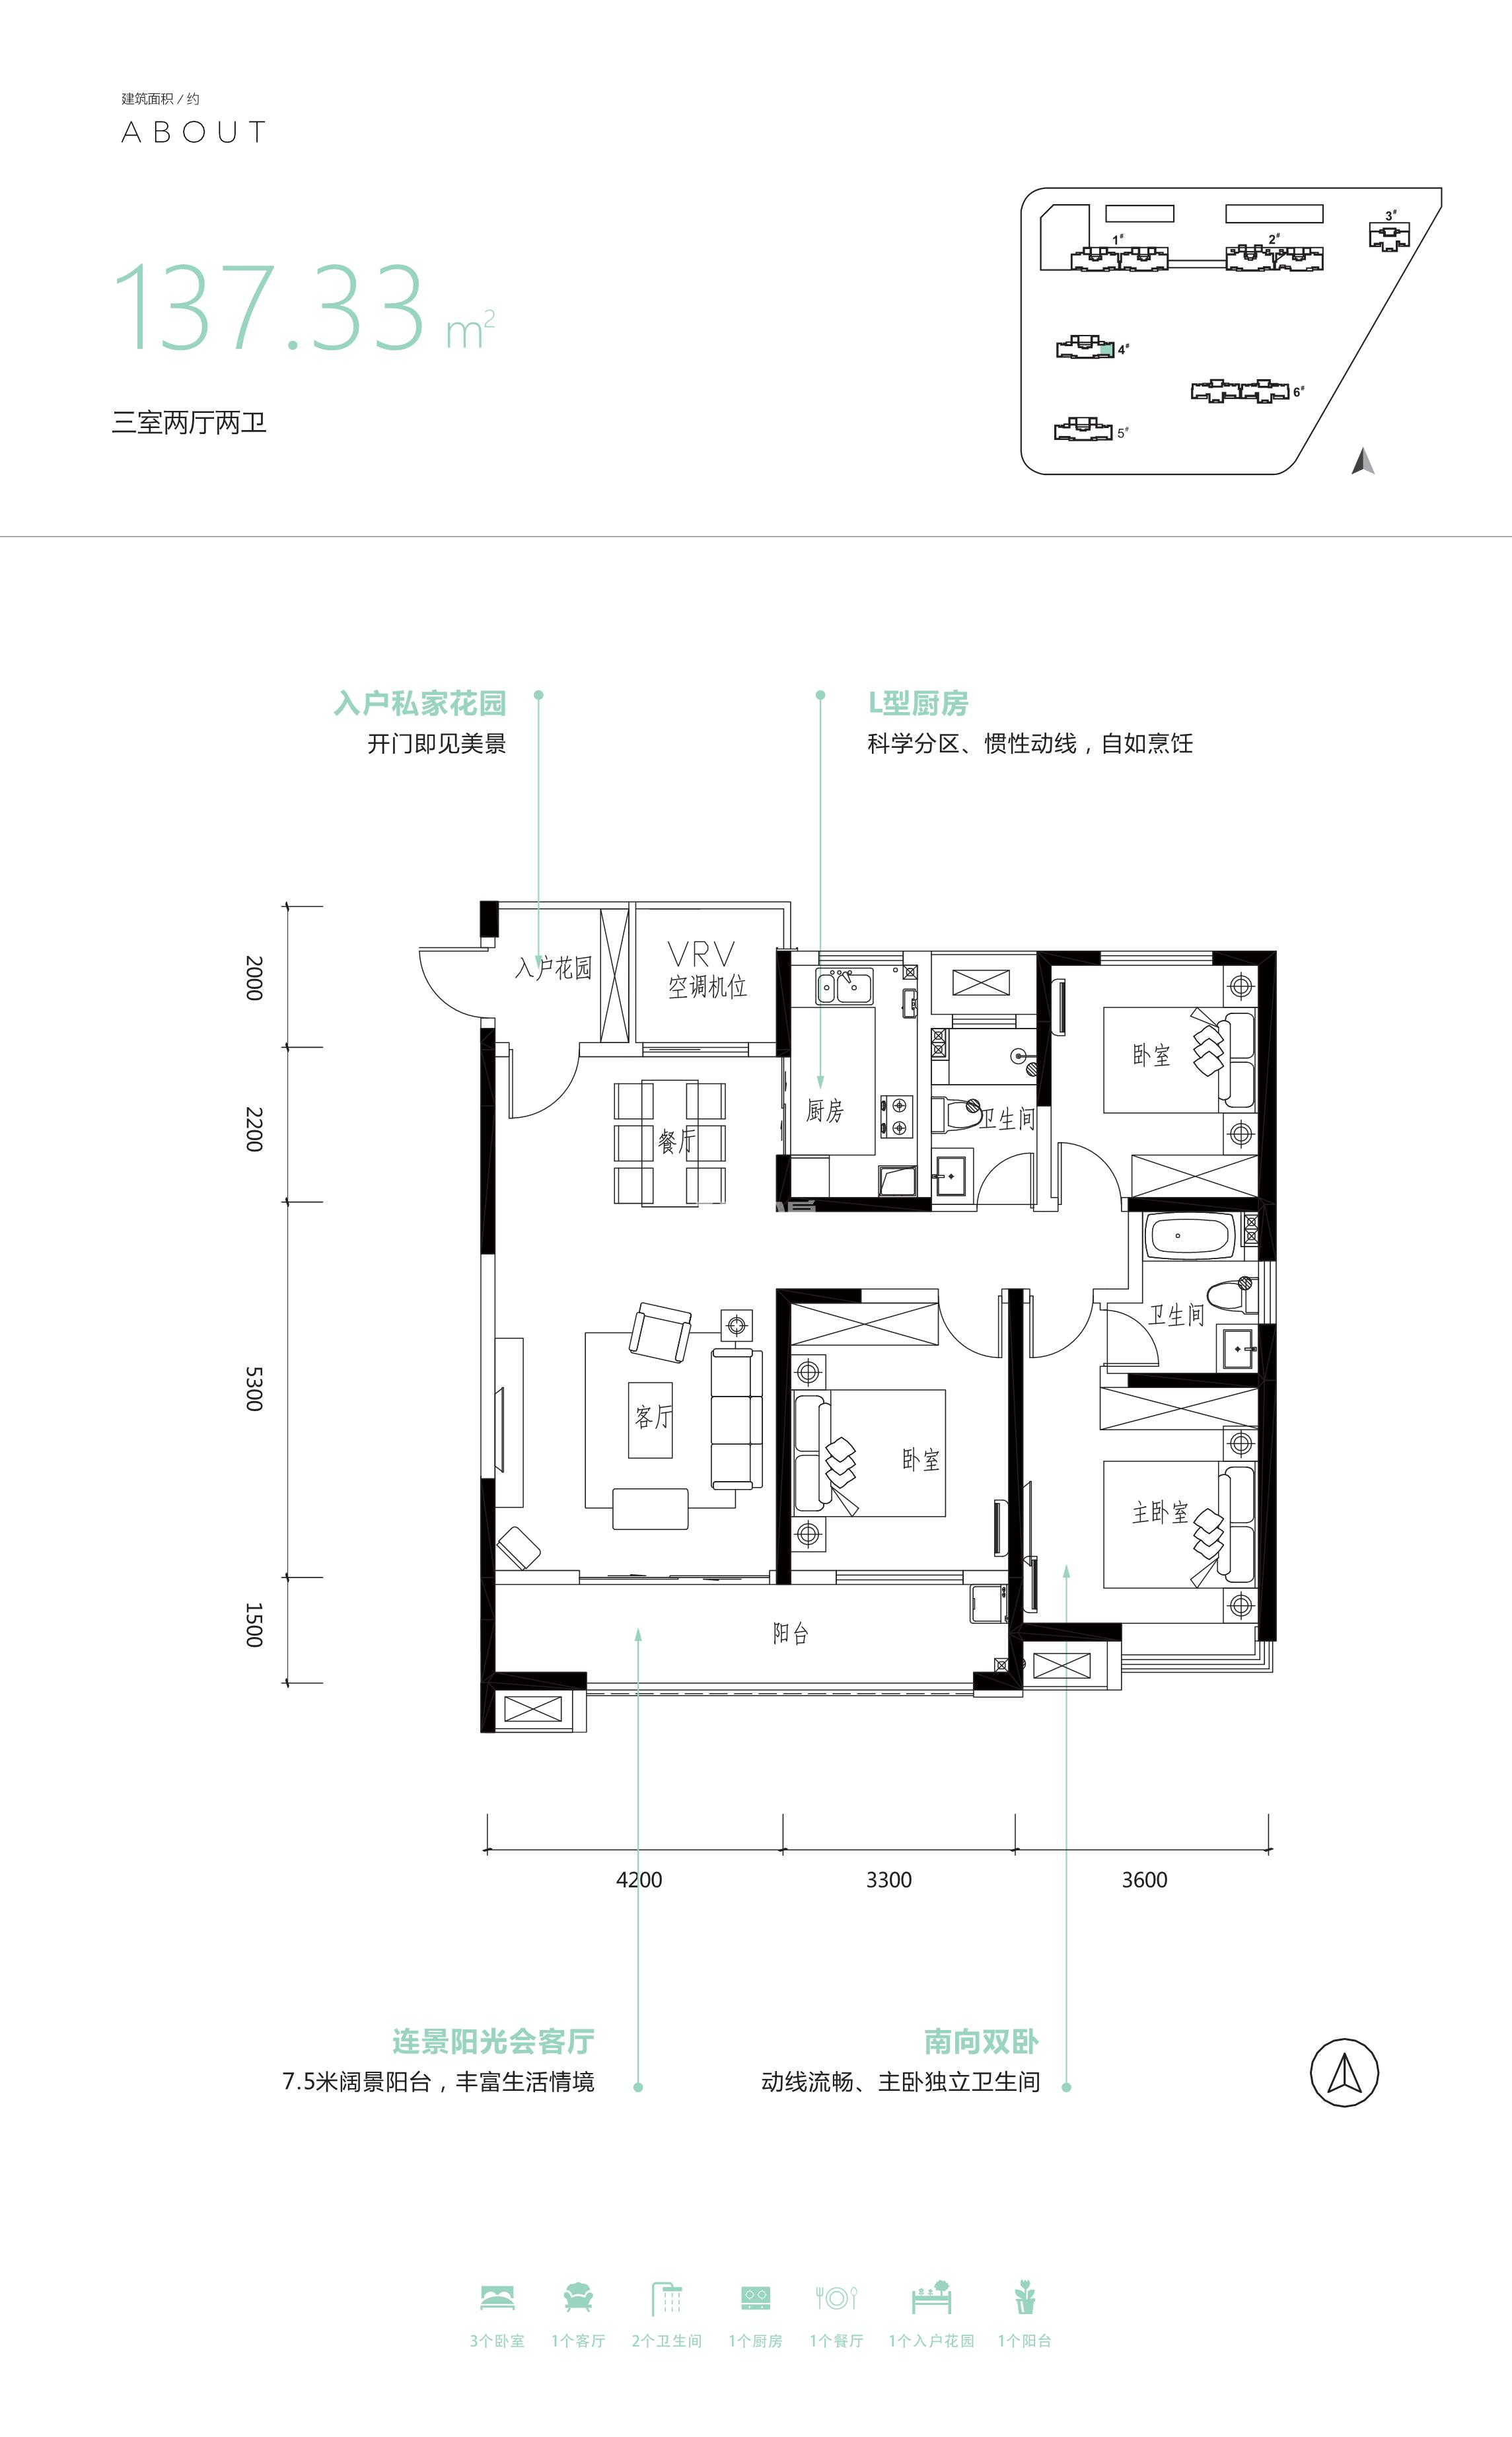 启迪大院儿137.33㎡三室两厅两卫户型图